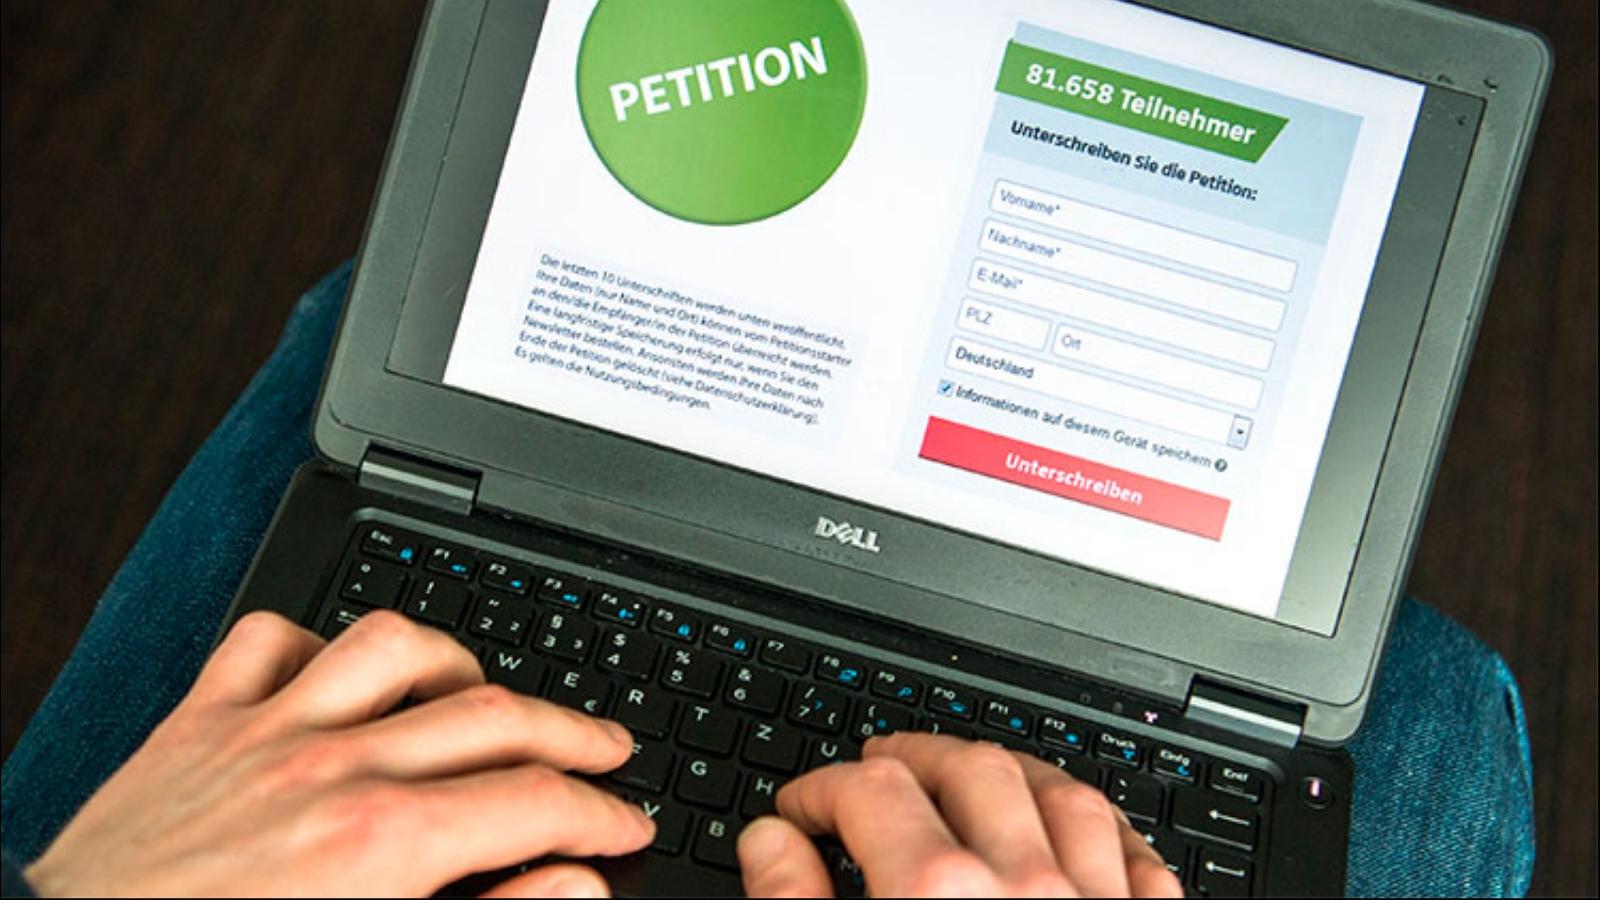 Об онлайн-петициях с юридической точки зрения